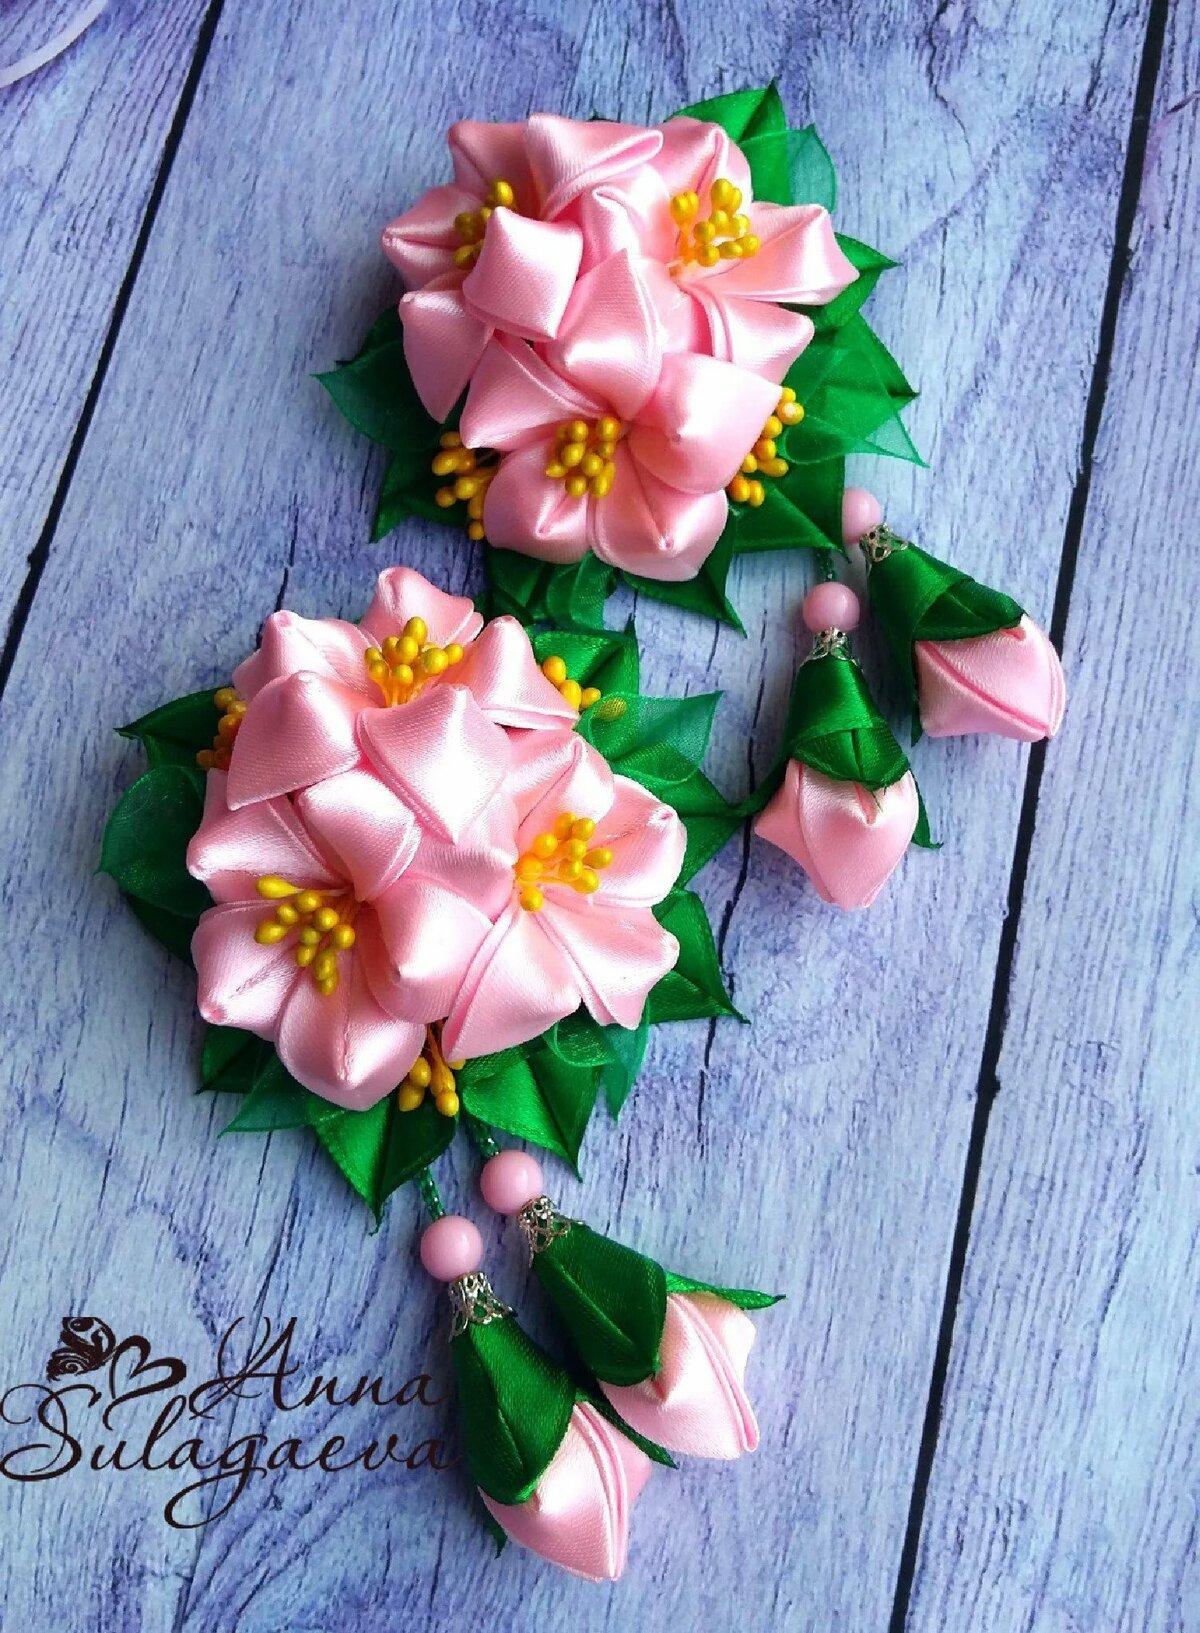 сообщалось, что канзаши весенние цветы фото заказывала